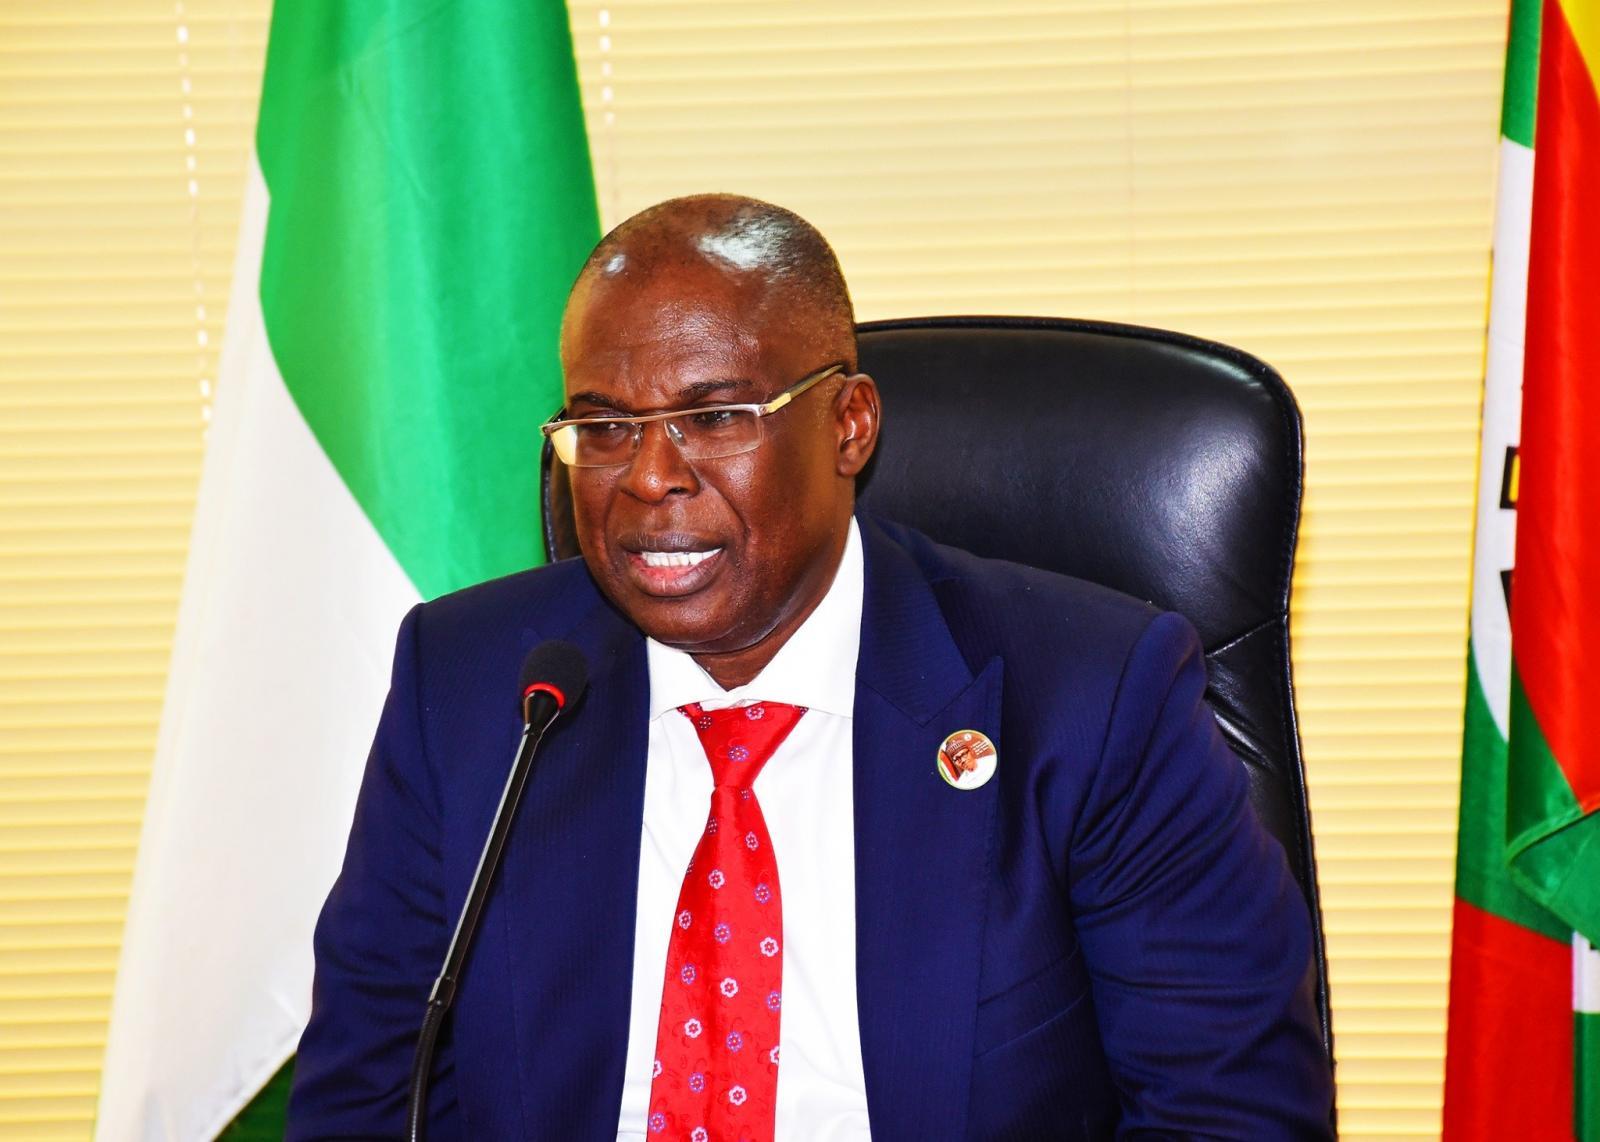 قانون النفط النيجيري - وزير النفط النيجيري